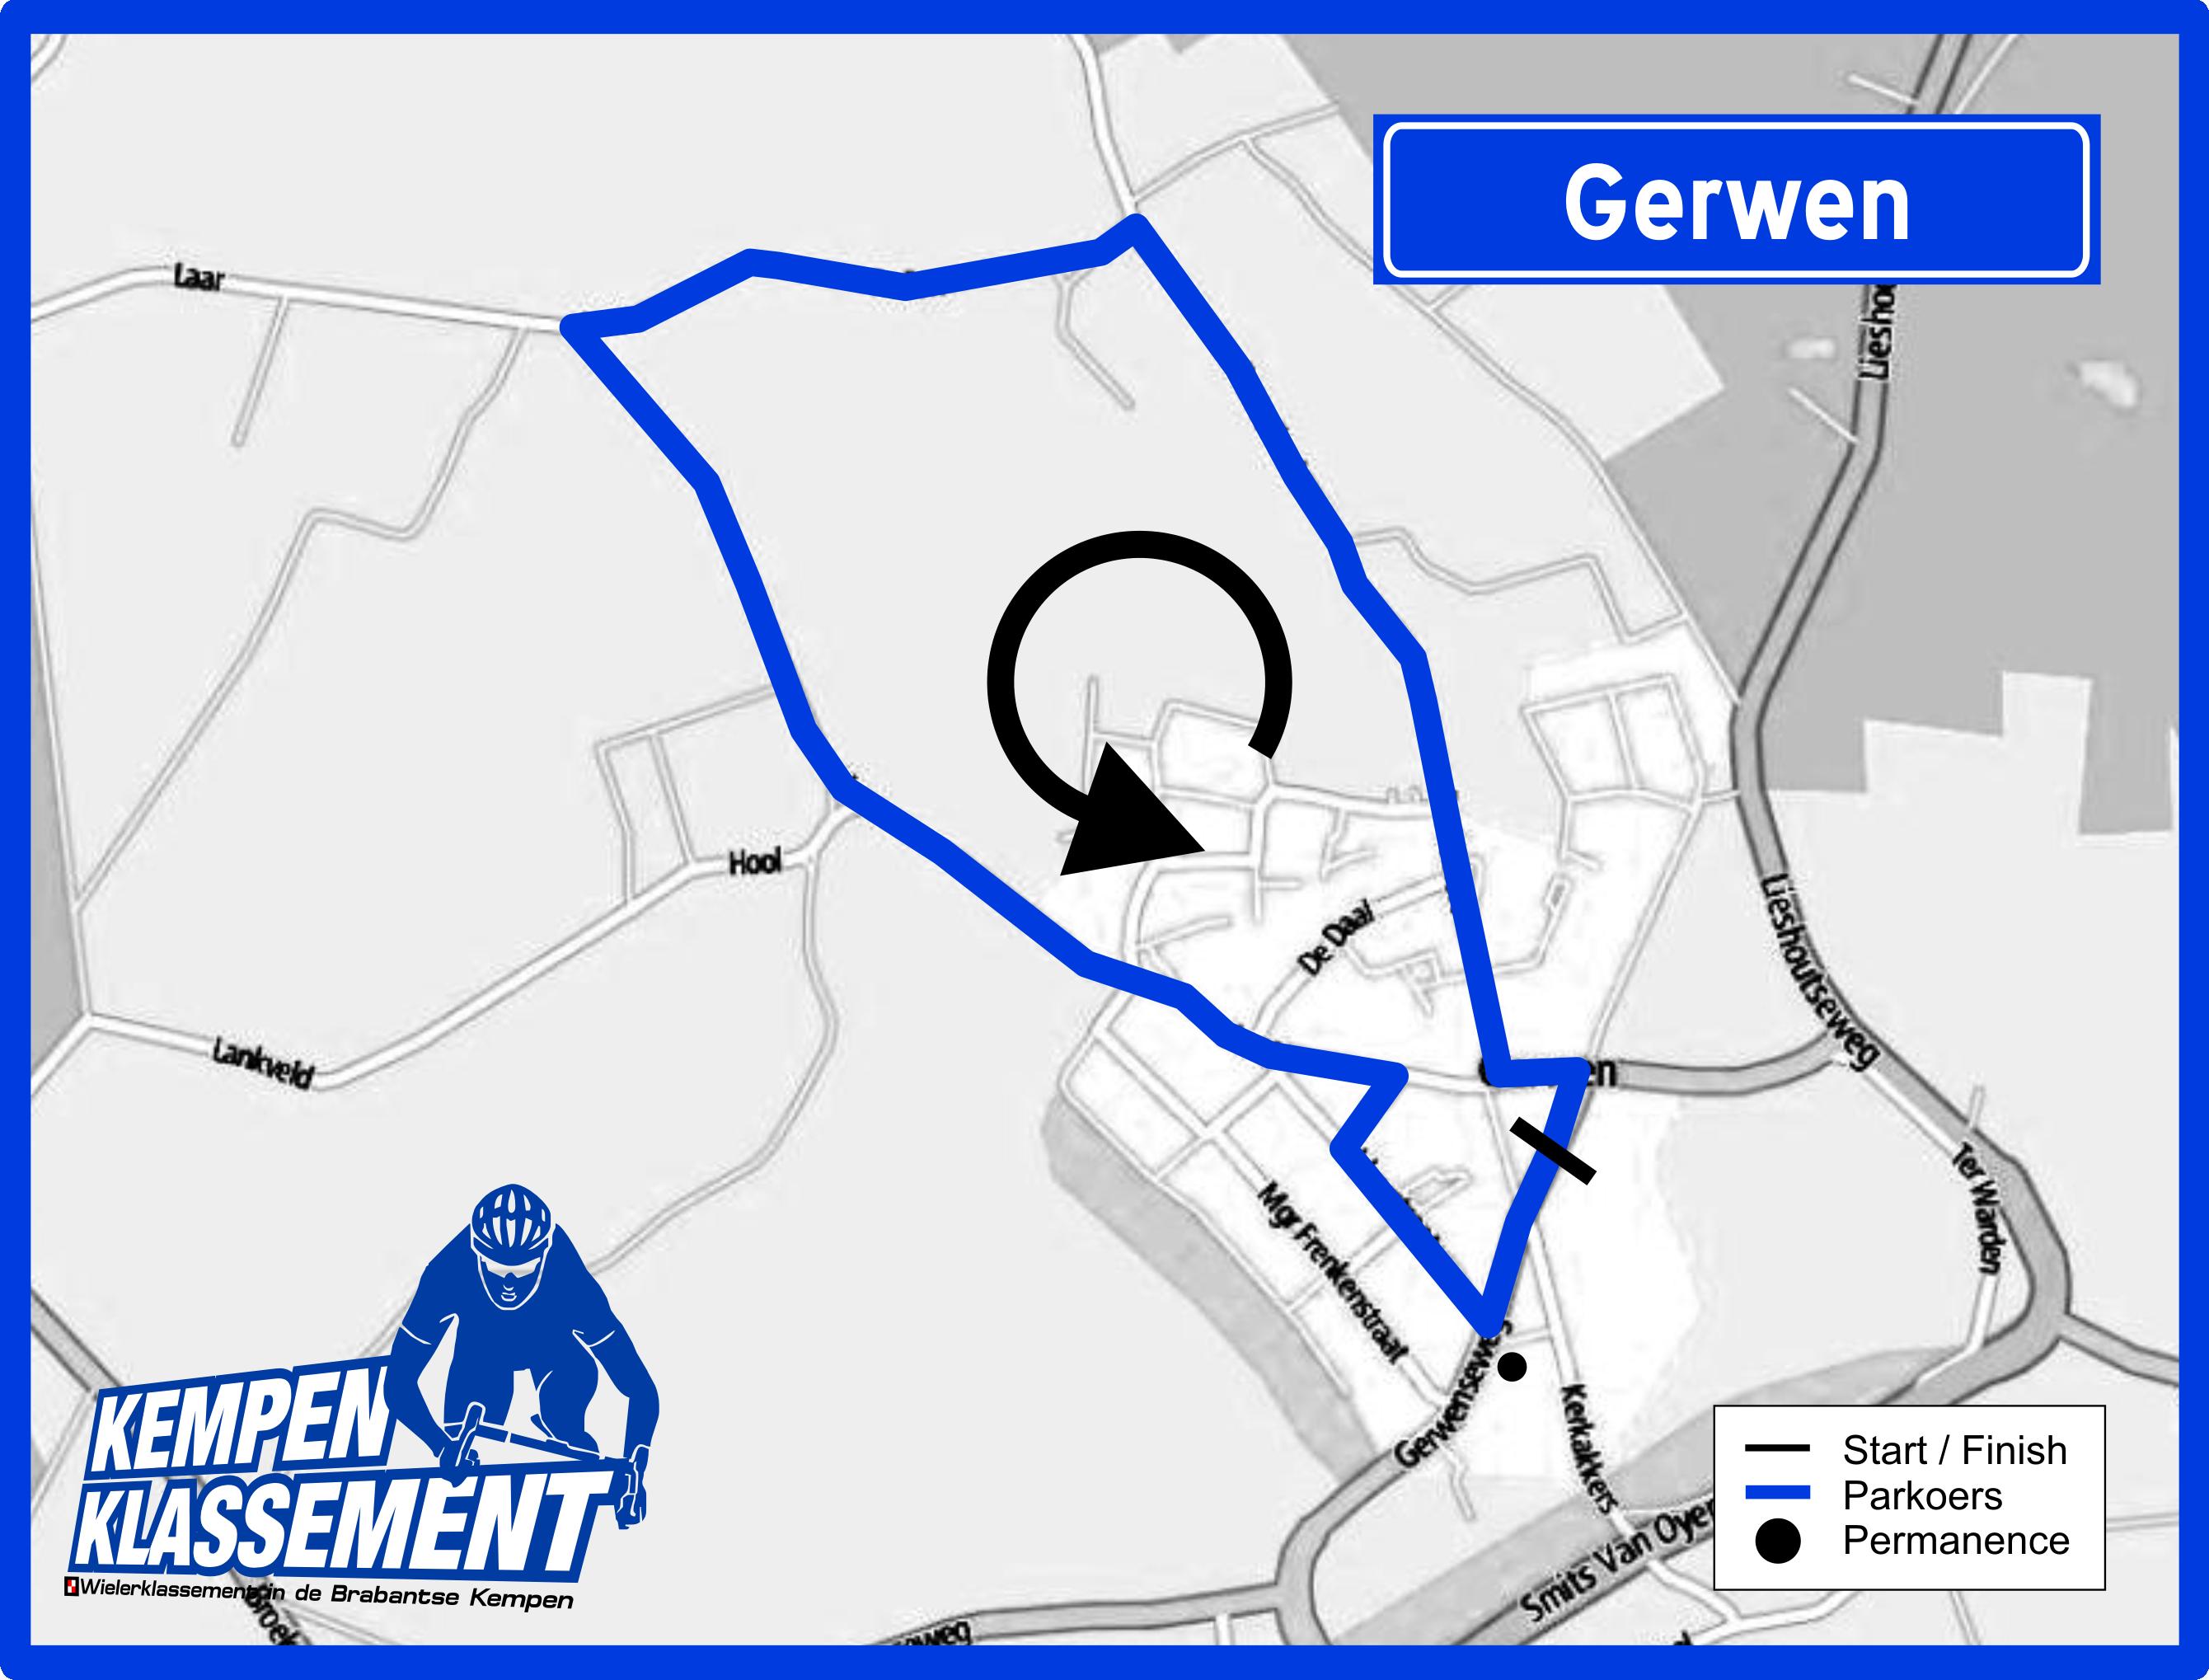 Gerwen